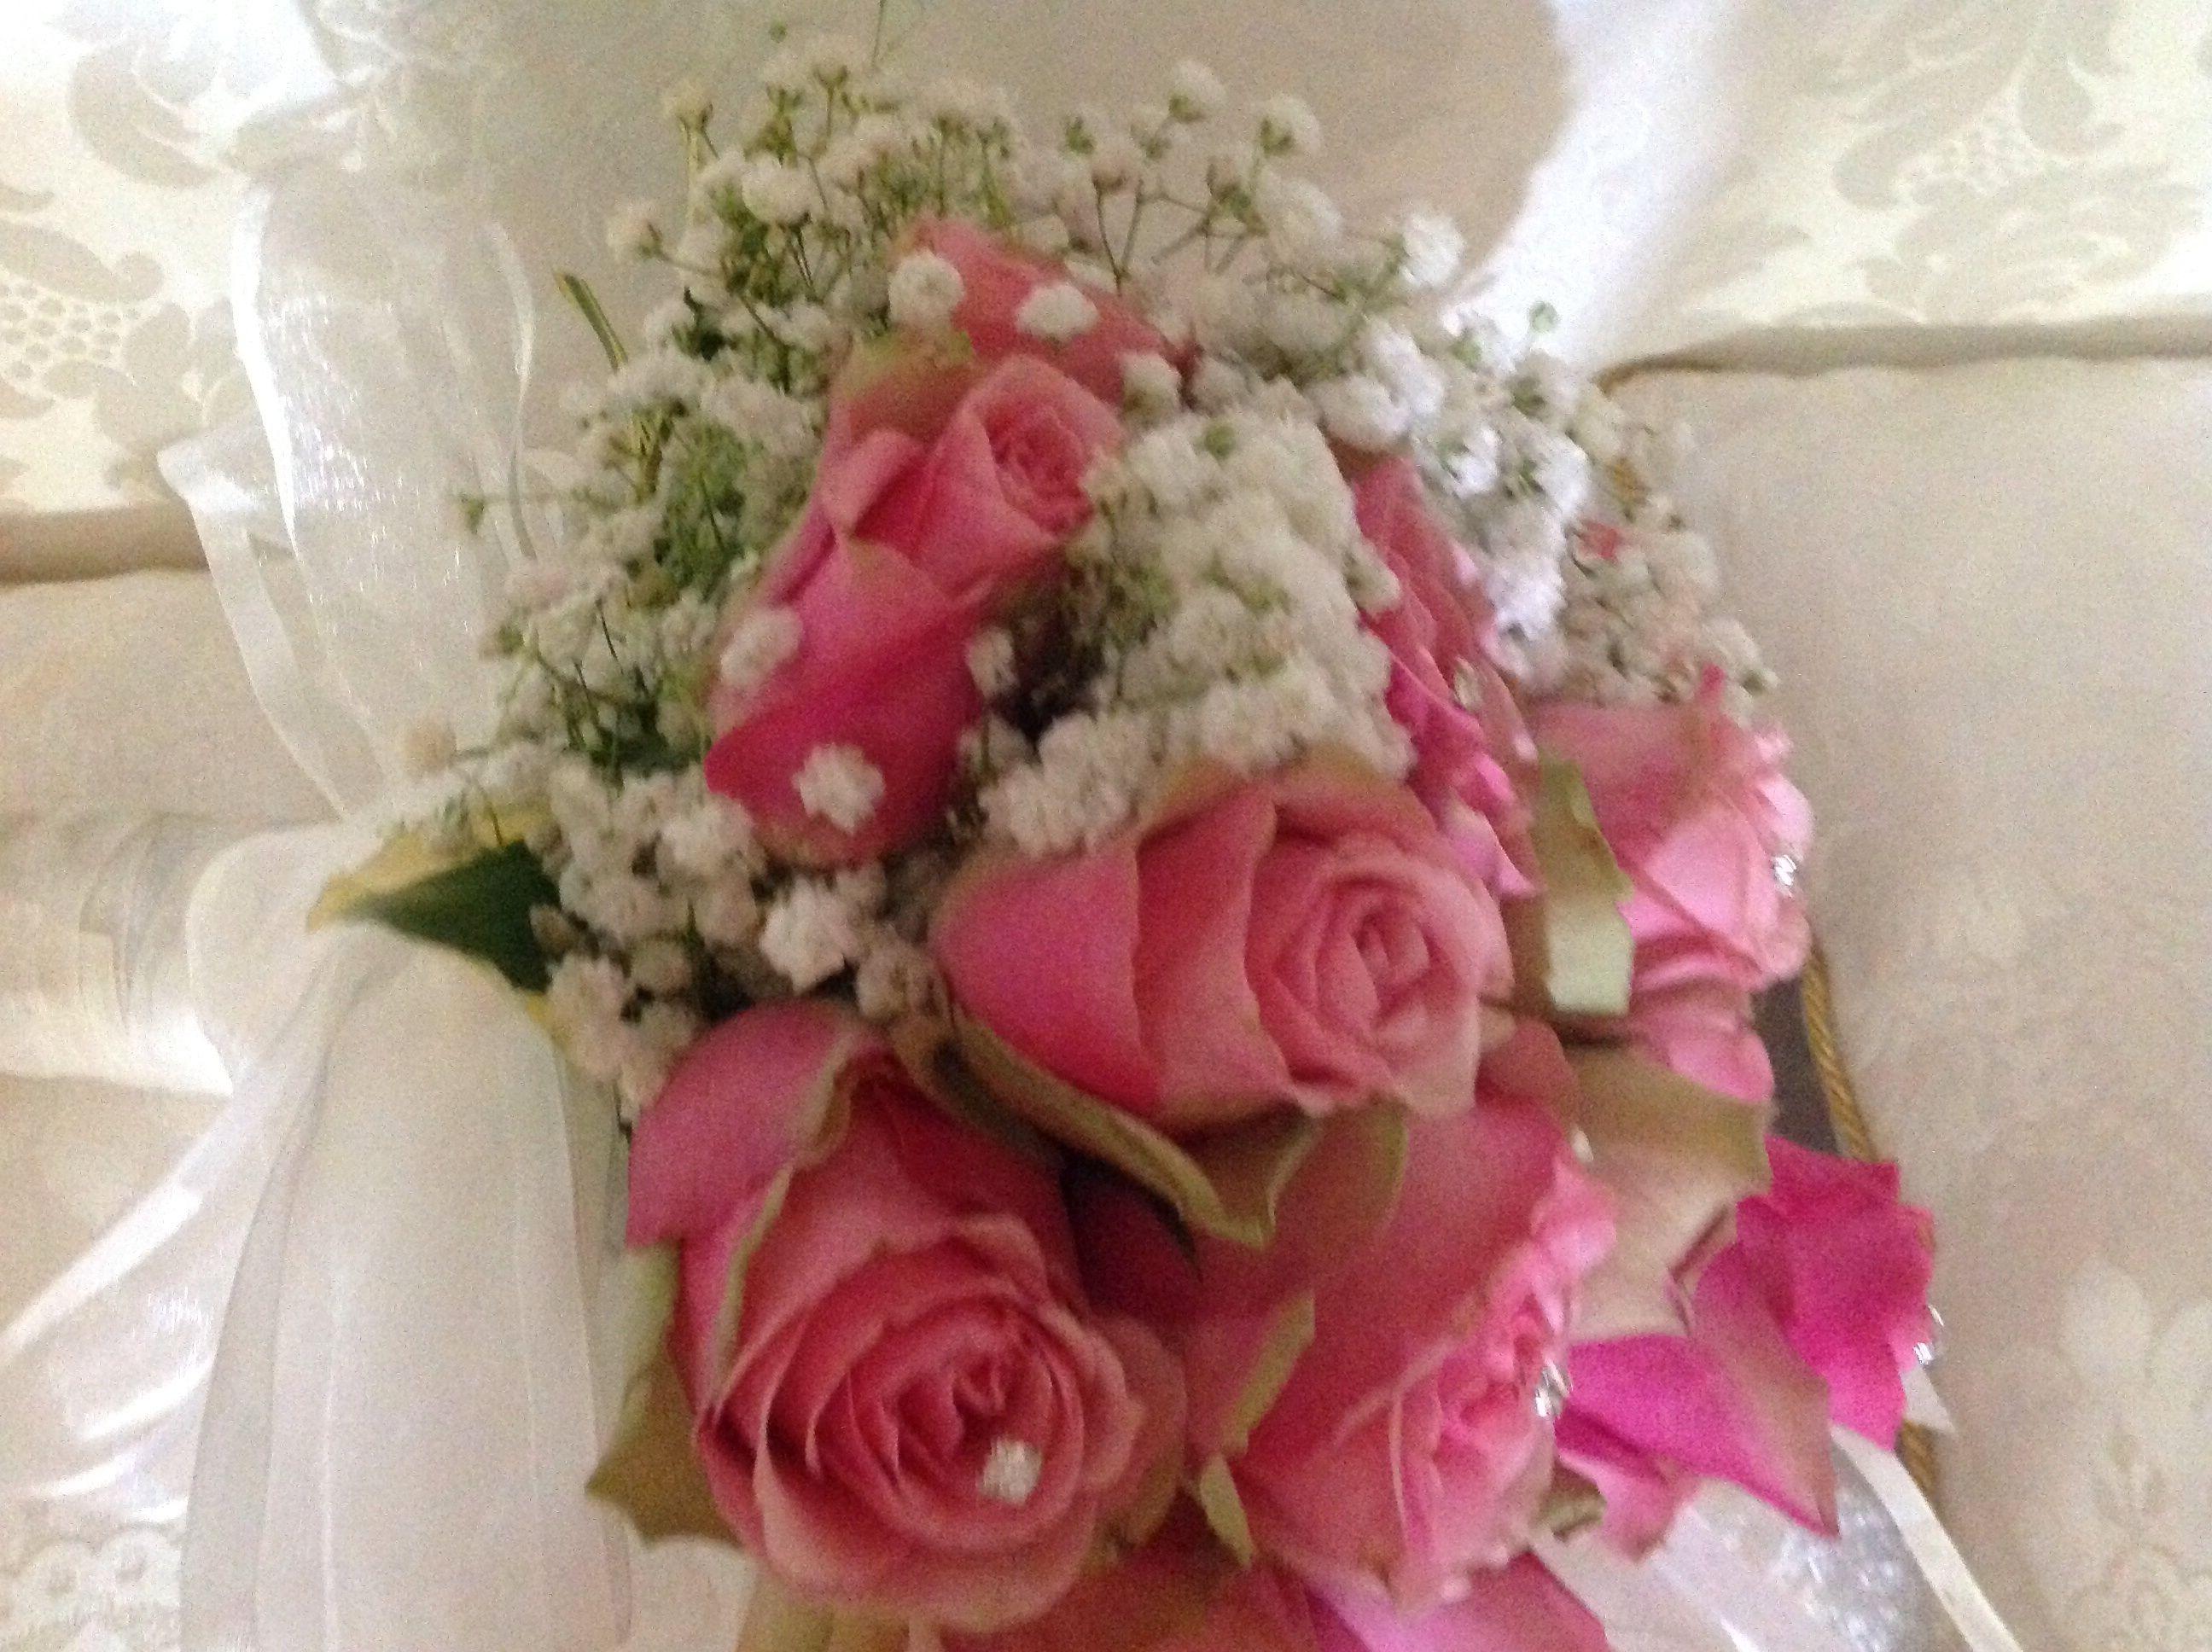 Bouquet Sposa Con Swarovski.Bouquet Da Sposa Con Rose Gpsofila Strass Swarovski